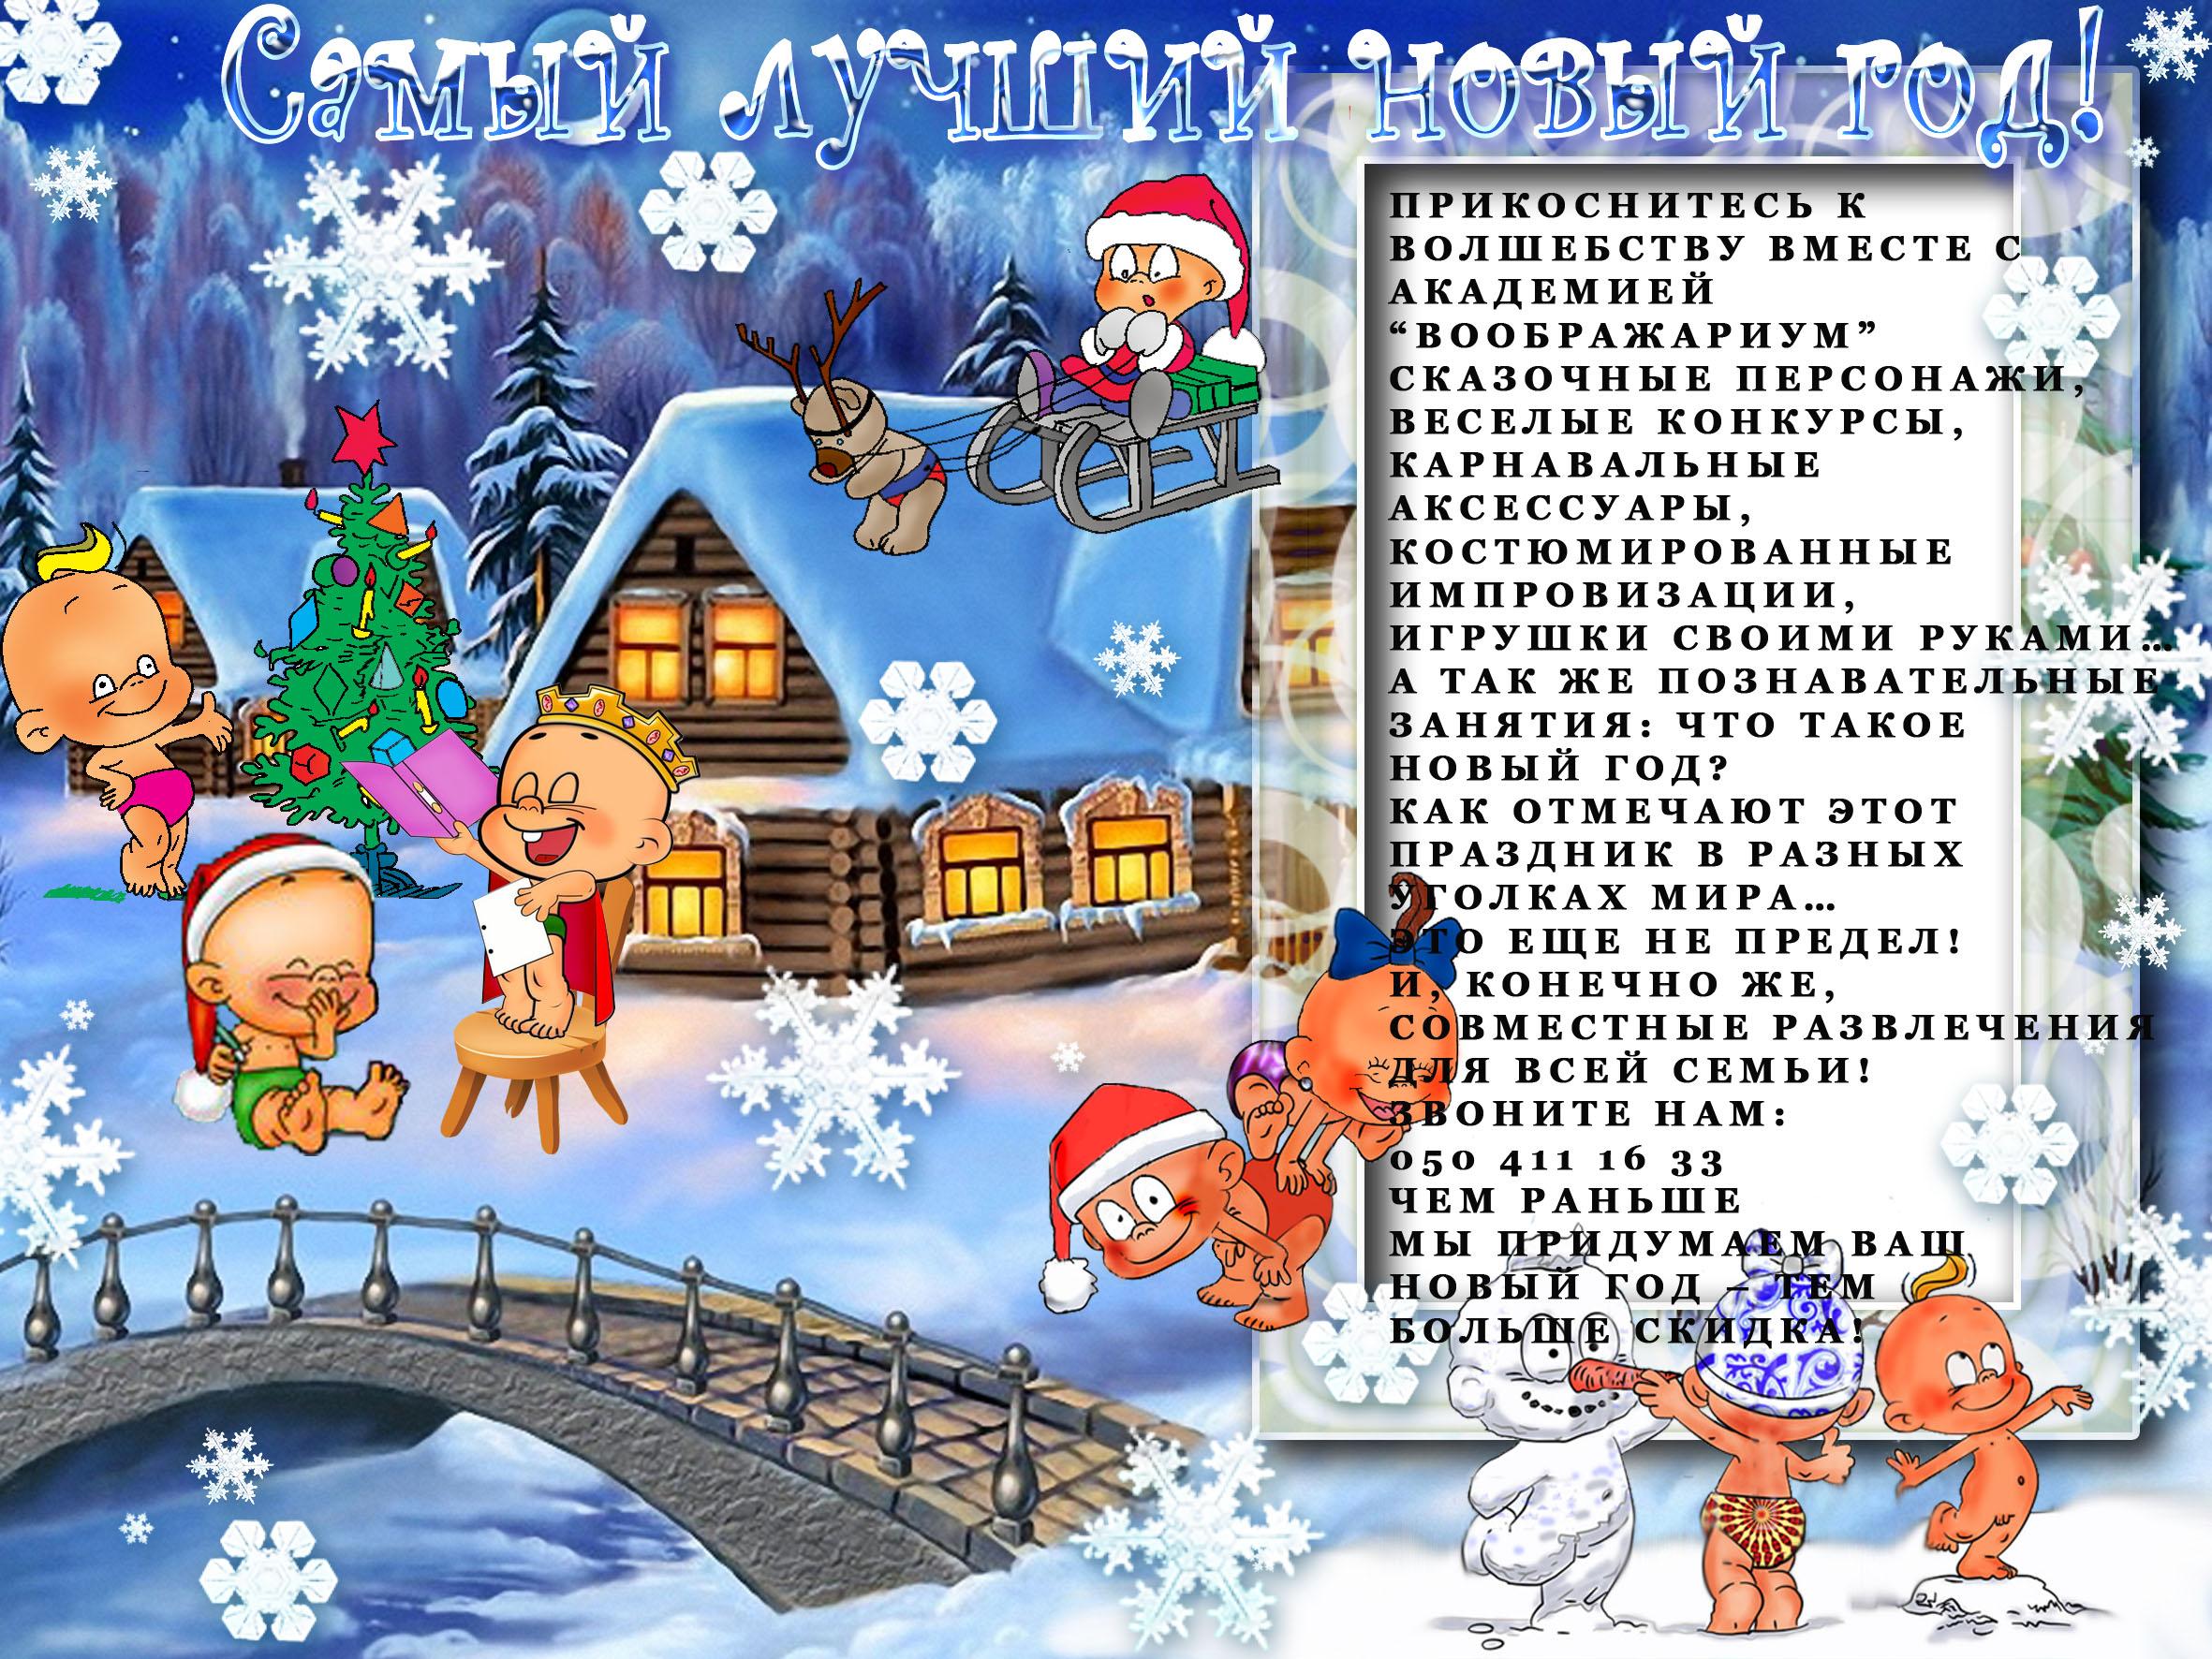 Новогодние рамки. Огромная красивая новогодняя рамка для одной фотографии или текста – на Ваш выбор. На фоне небольшой волшебной деревушки в густом лесу с высокими заснеженными деревьями, ребятишки лепят снеговика, украшают новогоднюю ёлку и готовятся к новогоднему концерту. А один малыш летает по небу на санях дедушки Мороза. Отличная новогодняя рамка для фотографии любимого малыша.